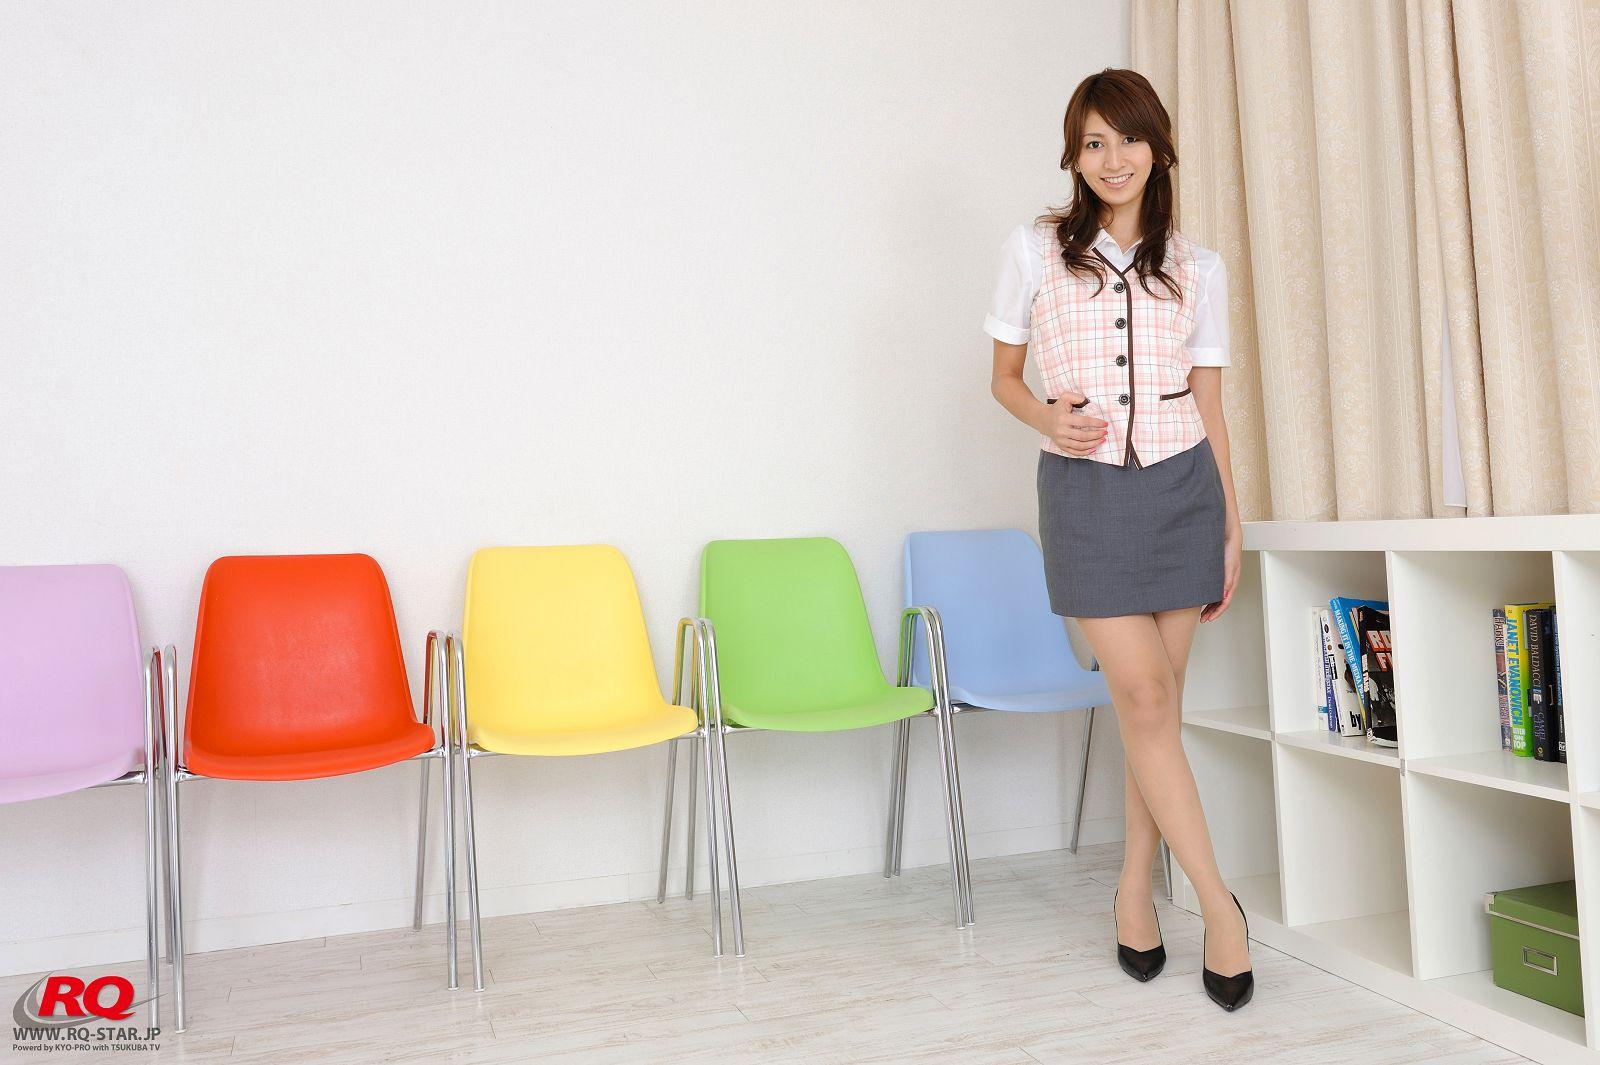 [RQ STAR美女] NO.01115 山崎友華[45P] RQ STAR 第3张